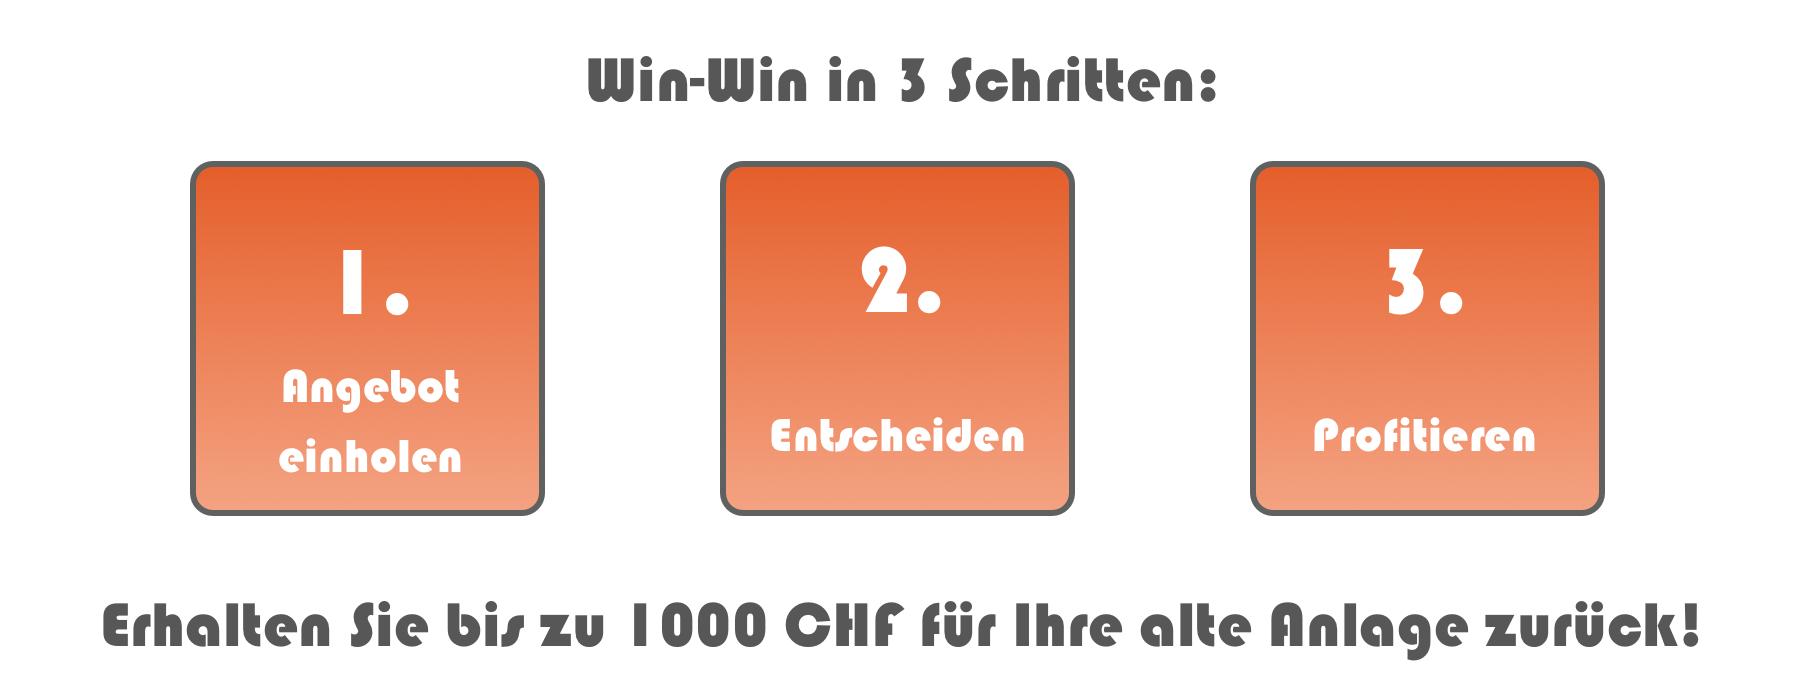 3SchritteMitText